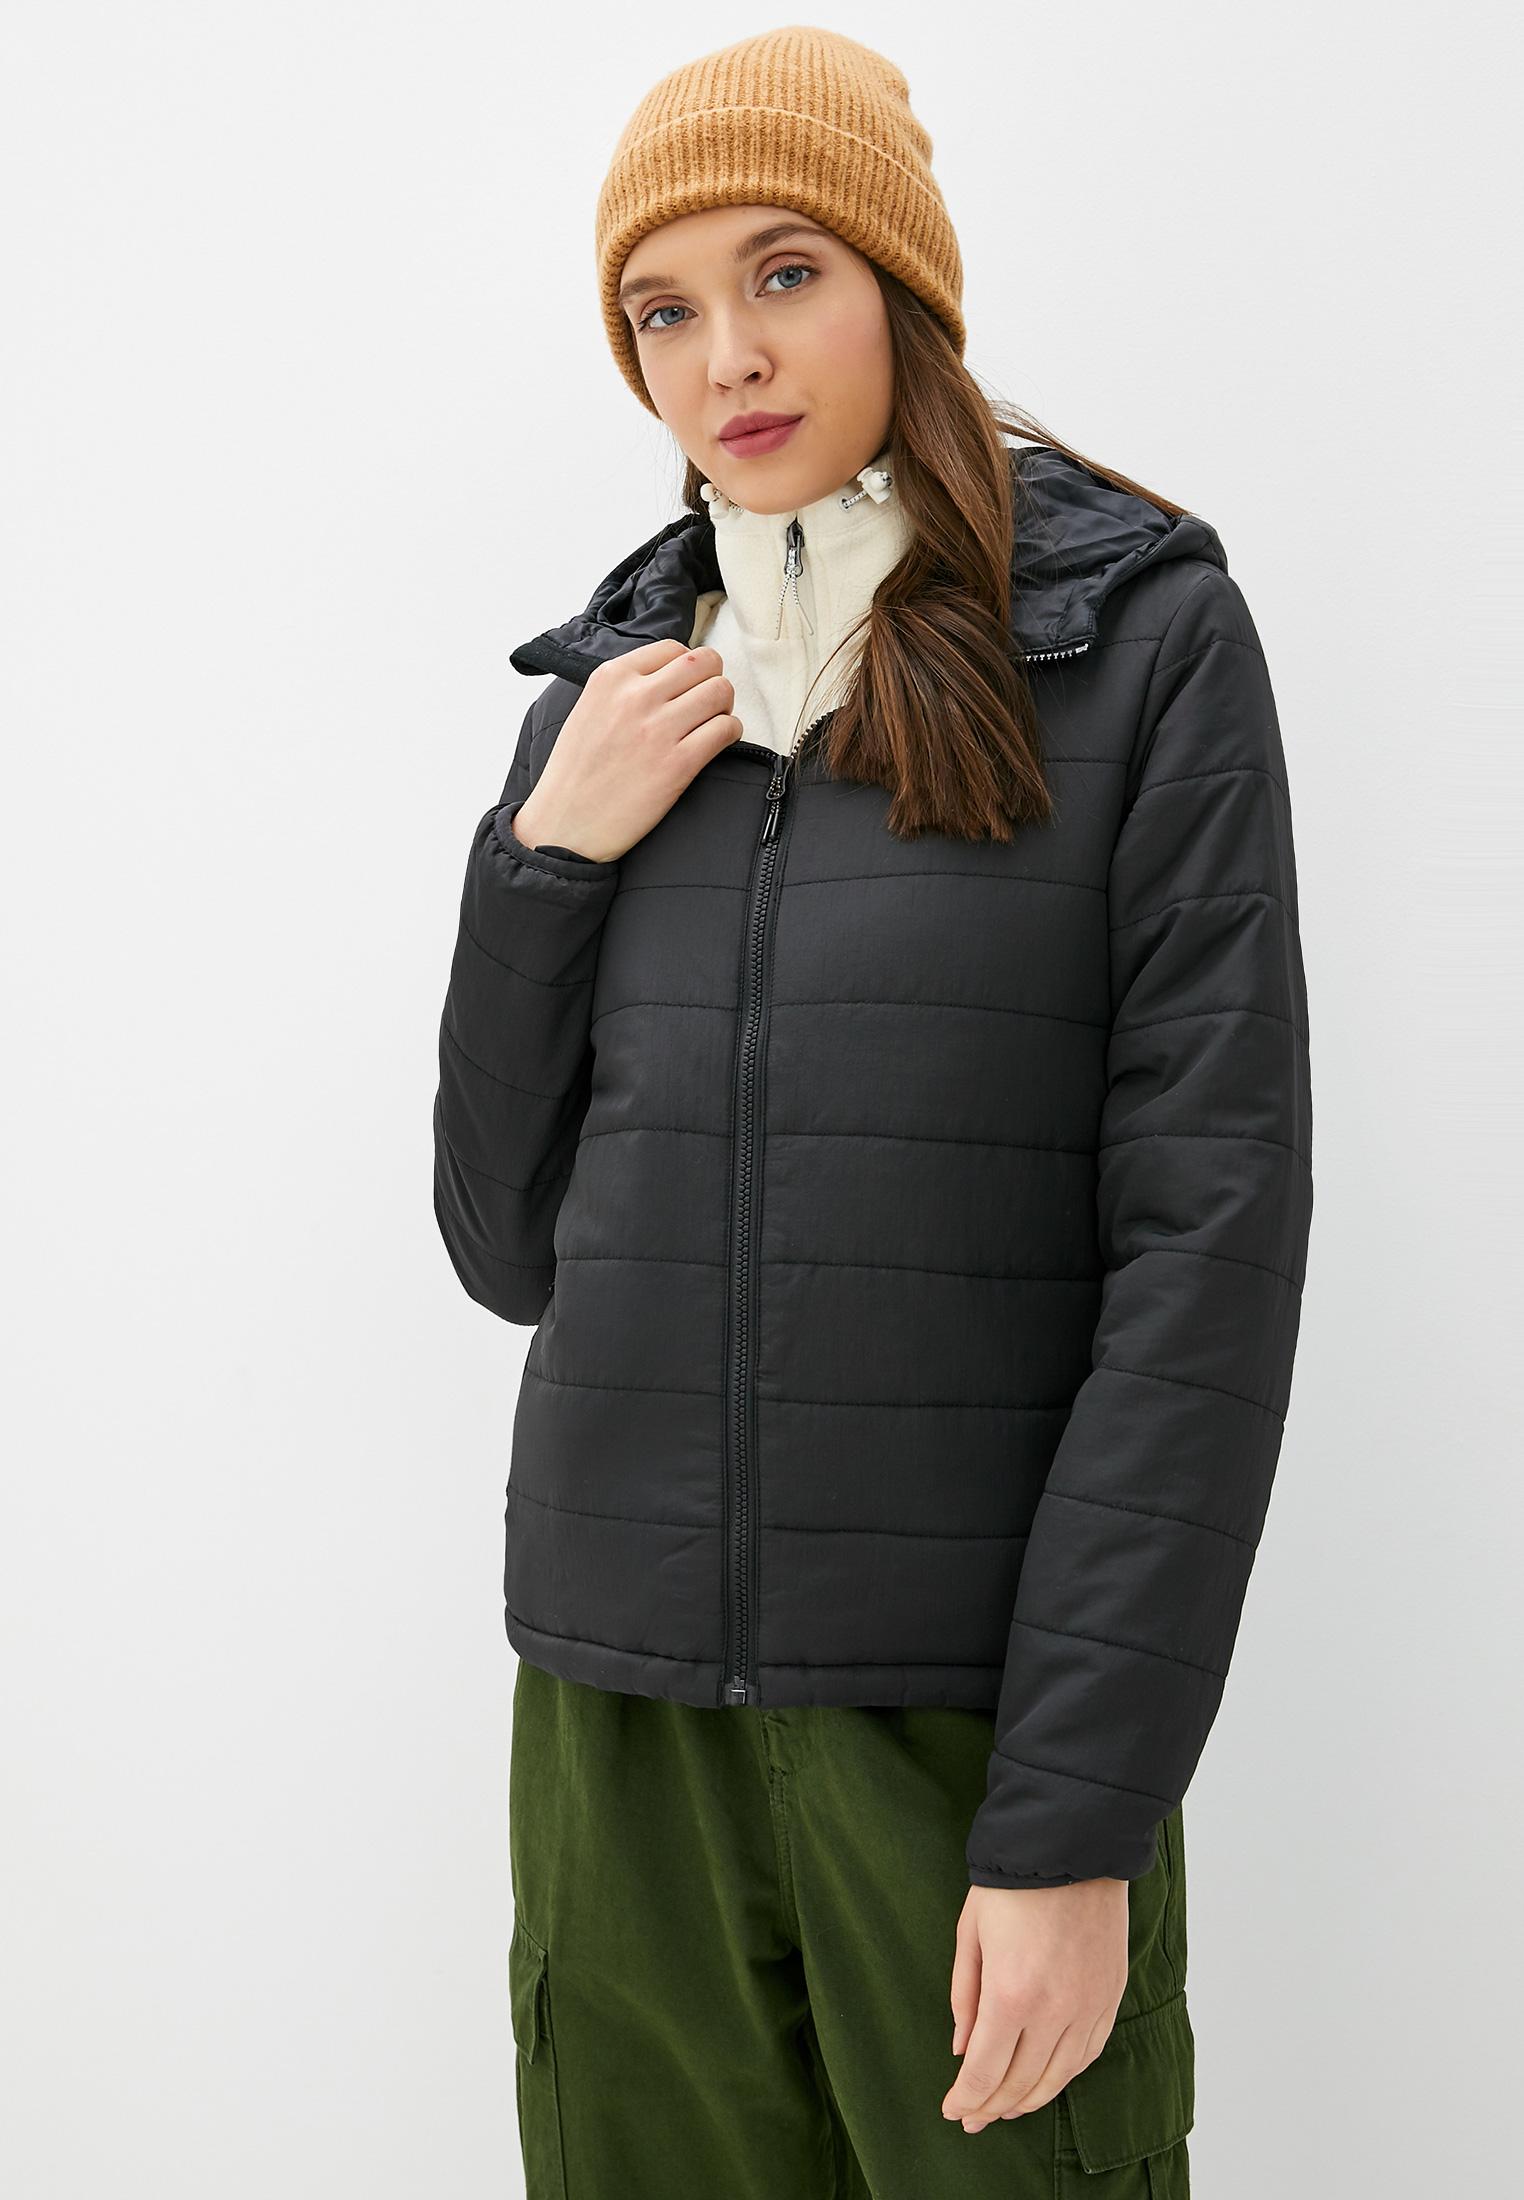 Куртка утепленная Billabong TRANSPORT PUFFER купить за 4 193 ₽ в интернет-магазине Lamoda.ru